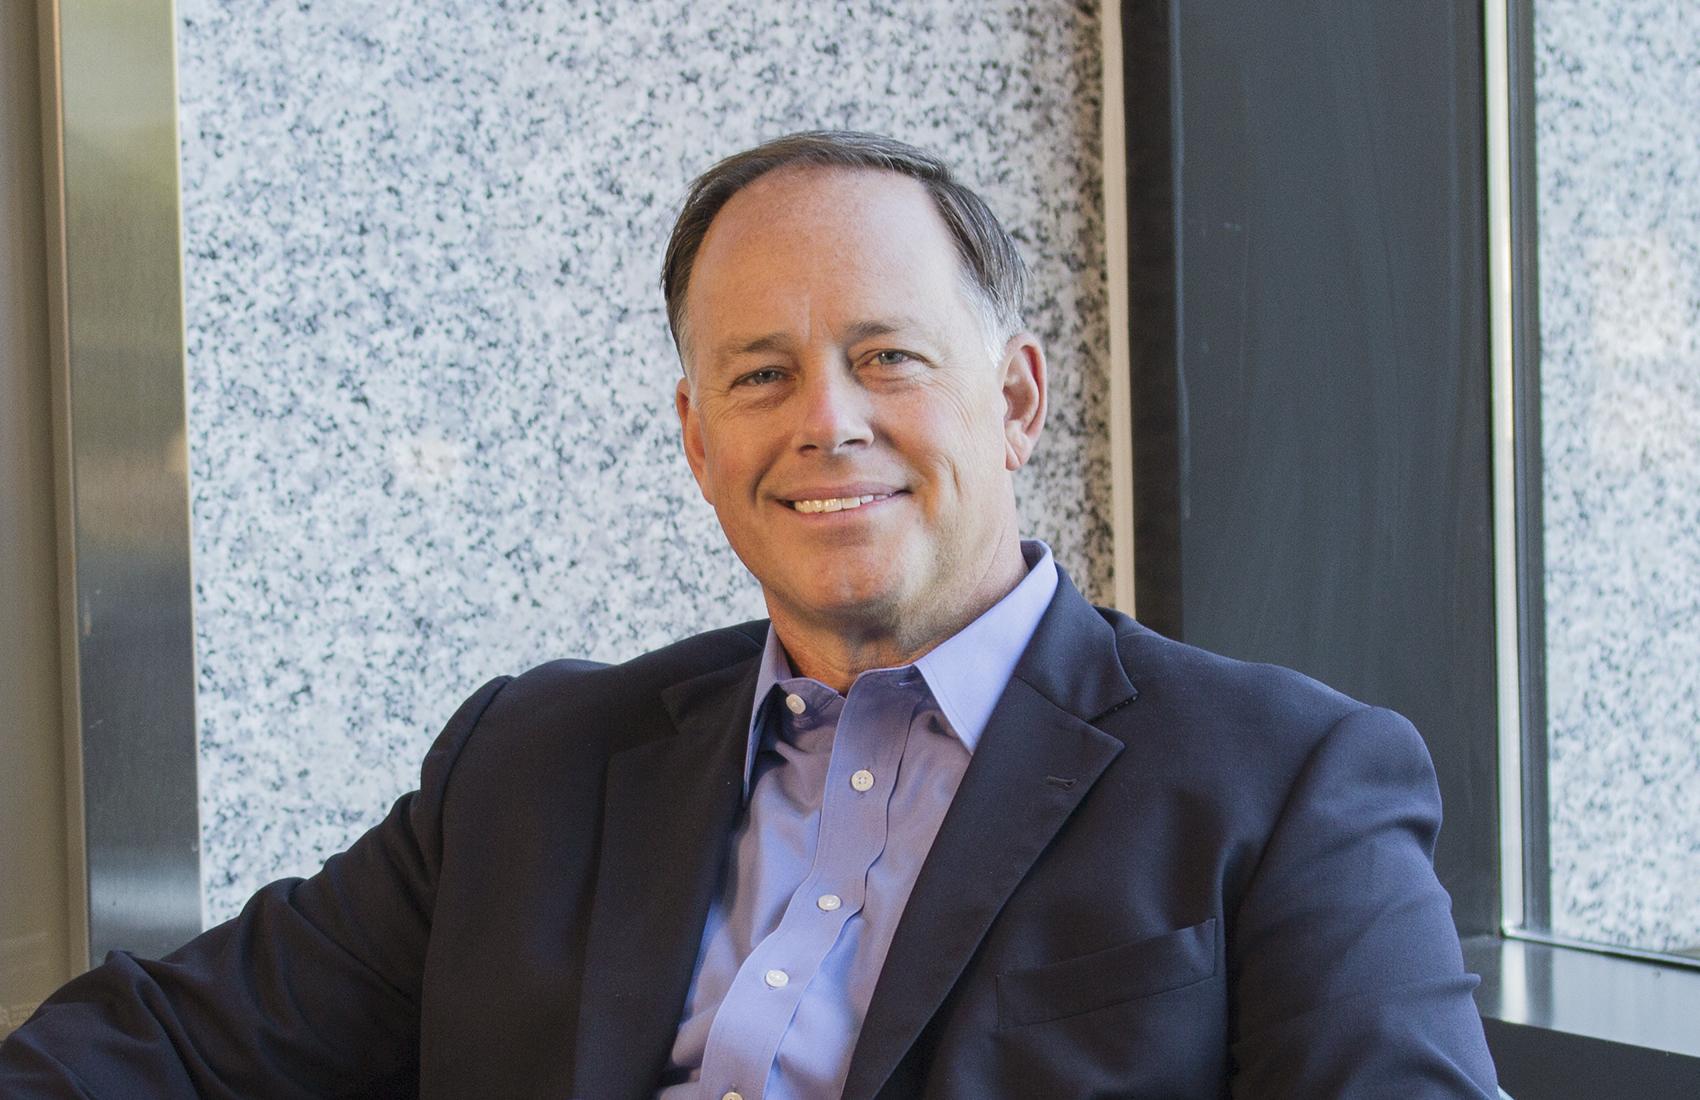 Bill Willhite - Managing Partnerbwillhite@WILsquare.com(314) 925-7650